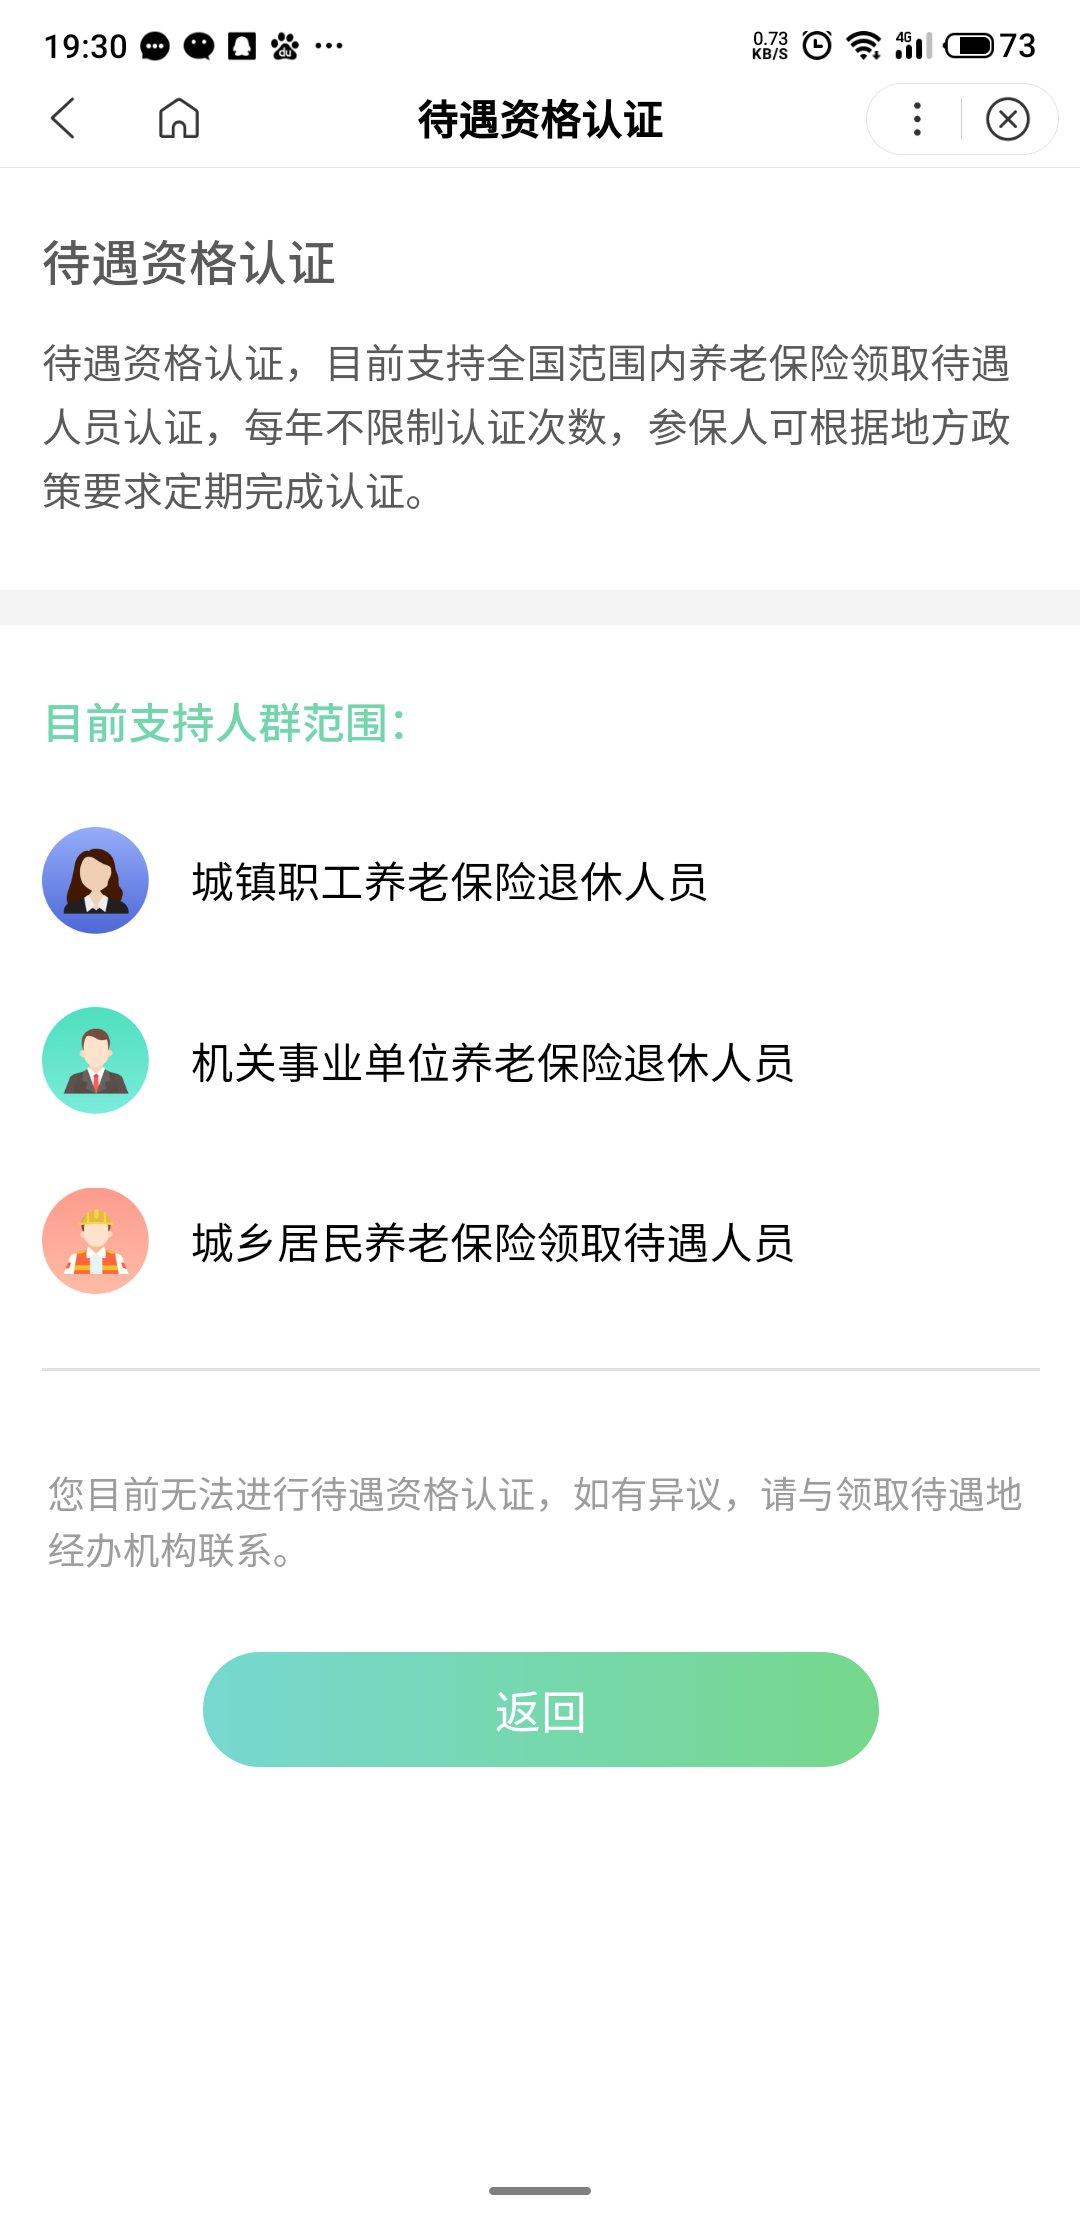 2020年北京養老金認證時間